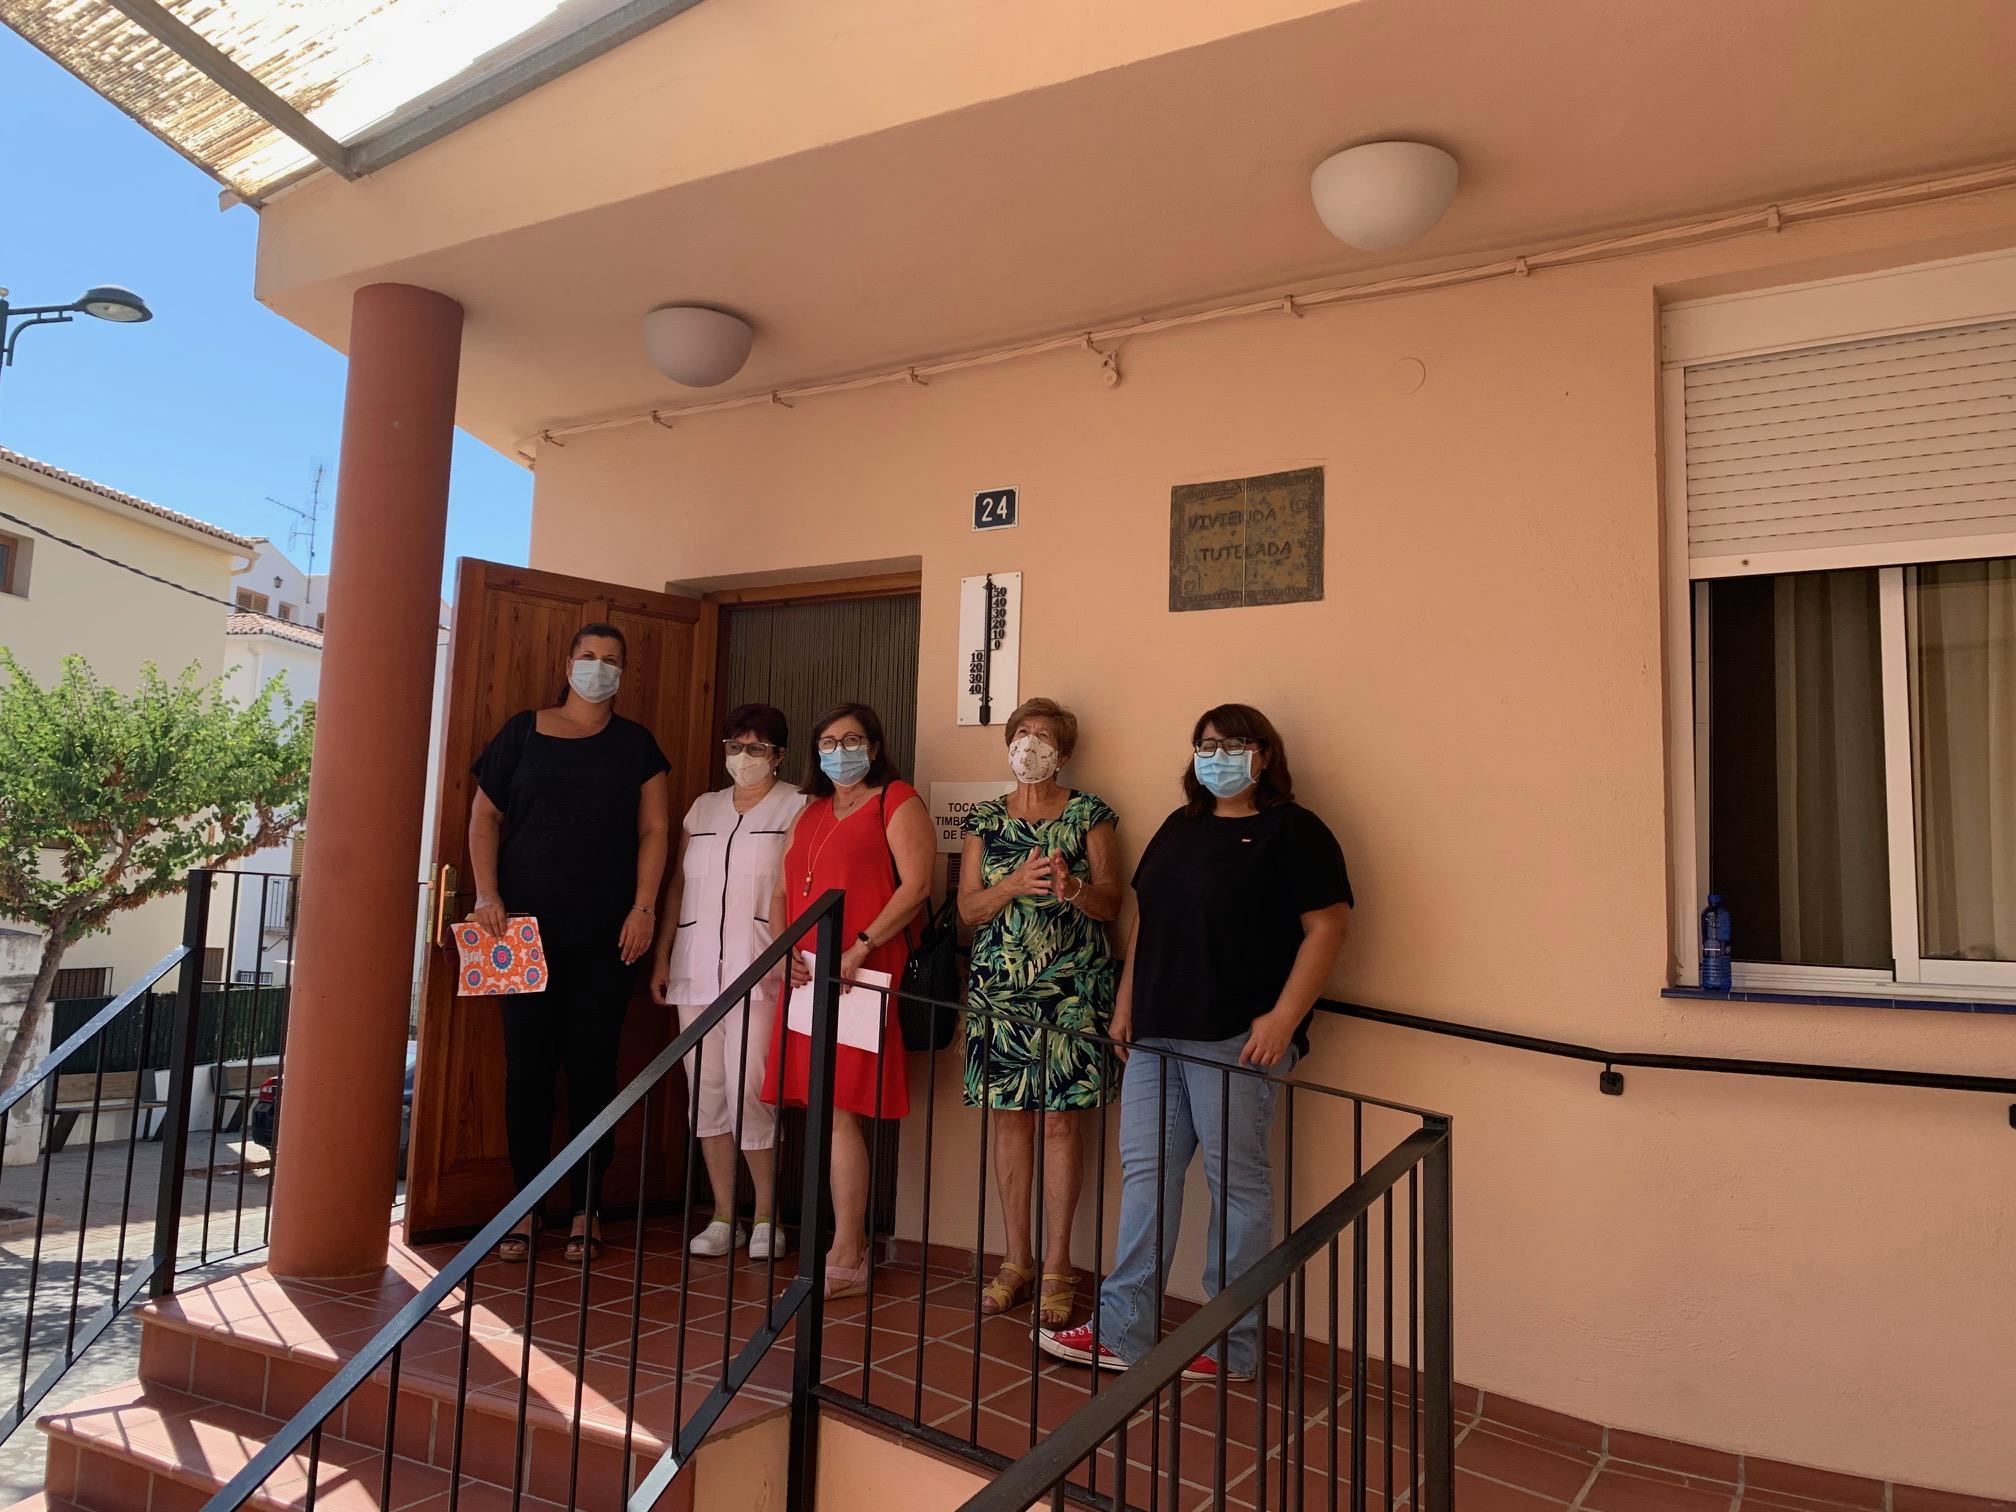 Puerta destaca que la Diputación de Castellón garantiza los desplazamientos de índole sanitaria de las personas que residen en Viver